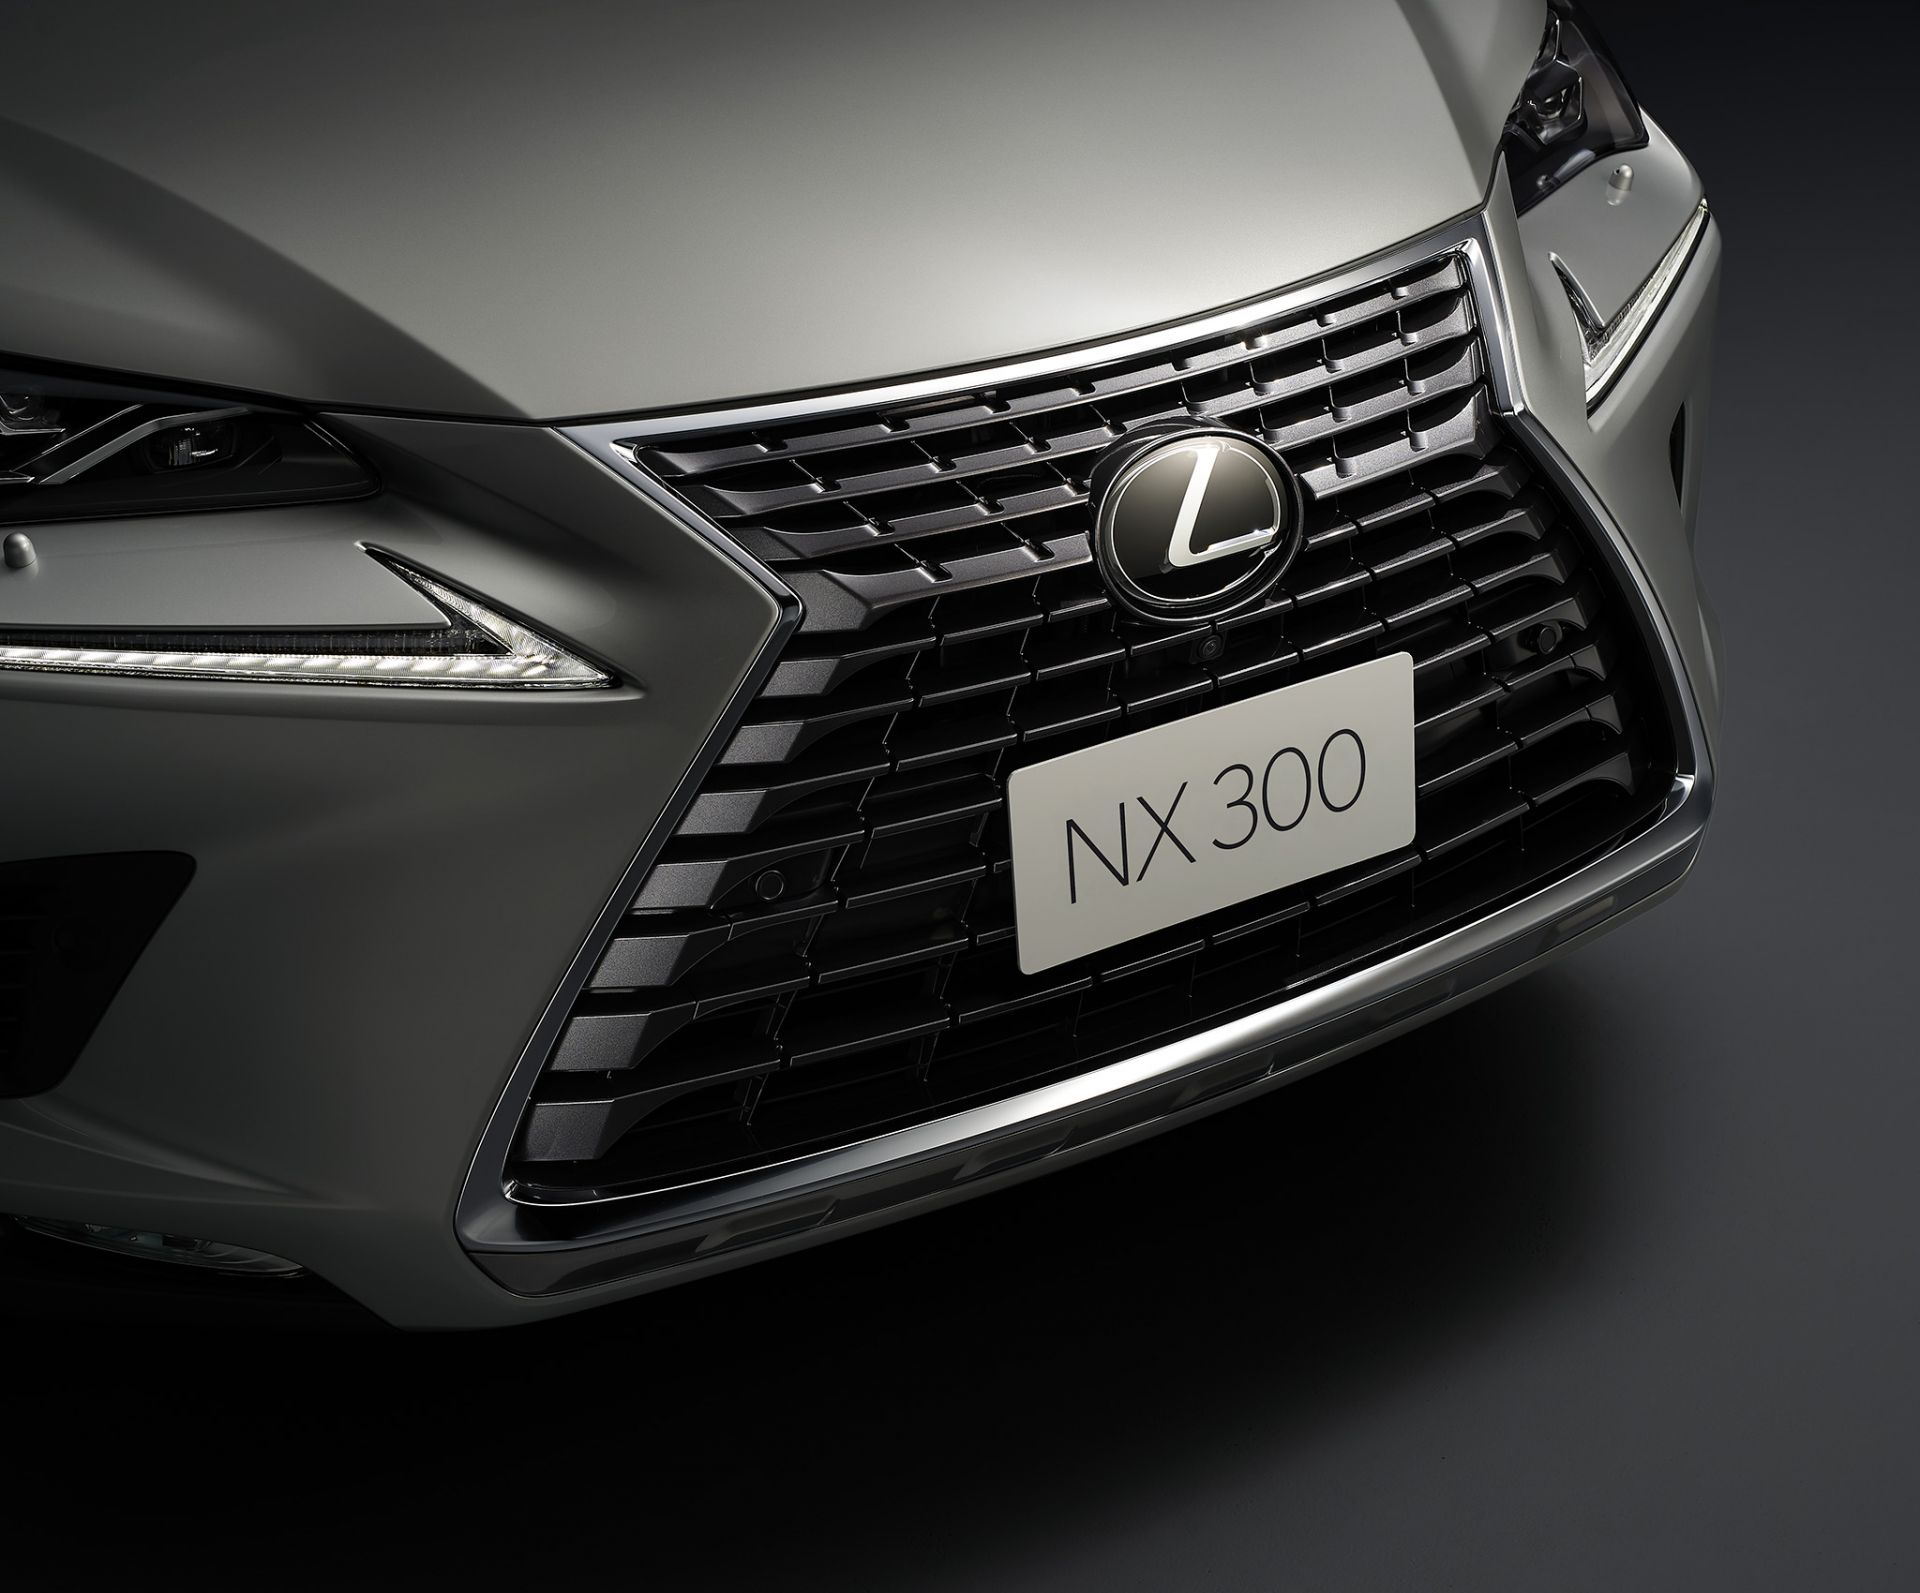 Lexus NX 300 2020 chính thức bán ra thị trường Việt với giá 2,56 tỷ đồng, cao hơn bản cũ